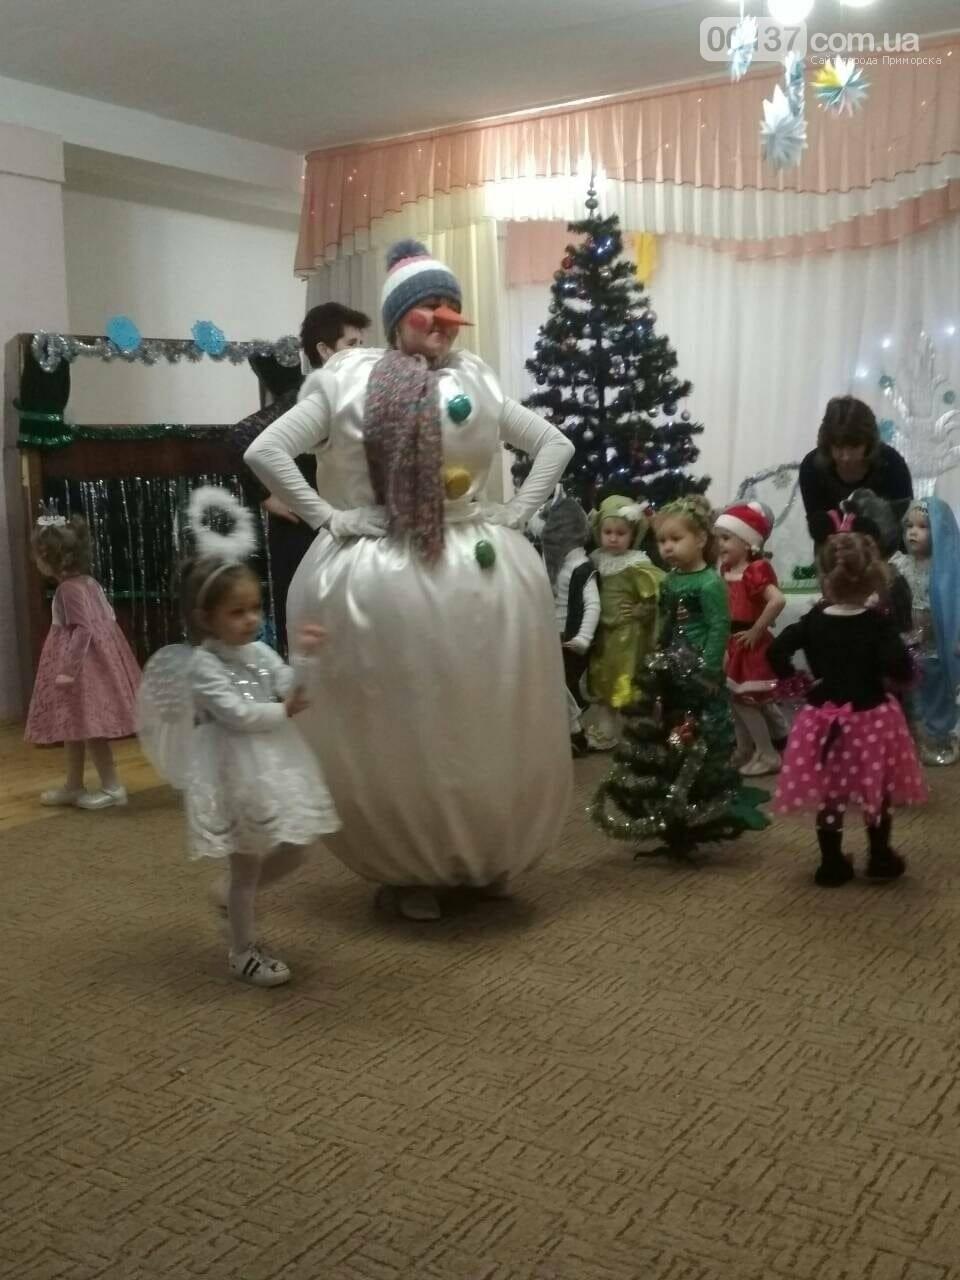 В детских садиках Приморска новогоднее веселье идет полным ходом, фото-2